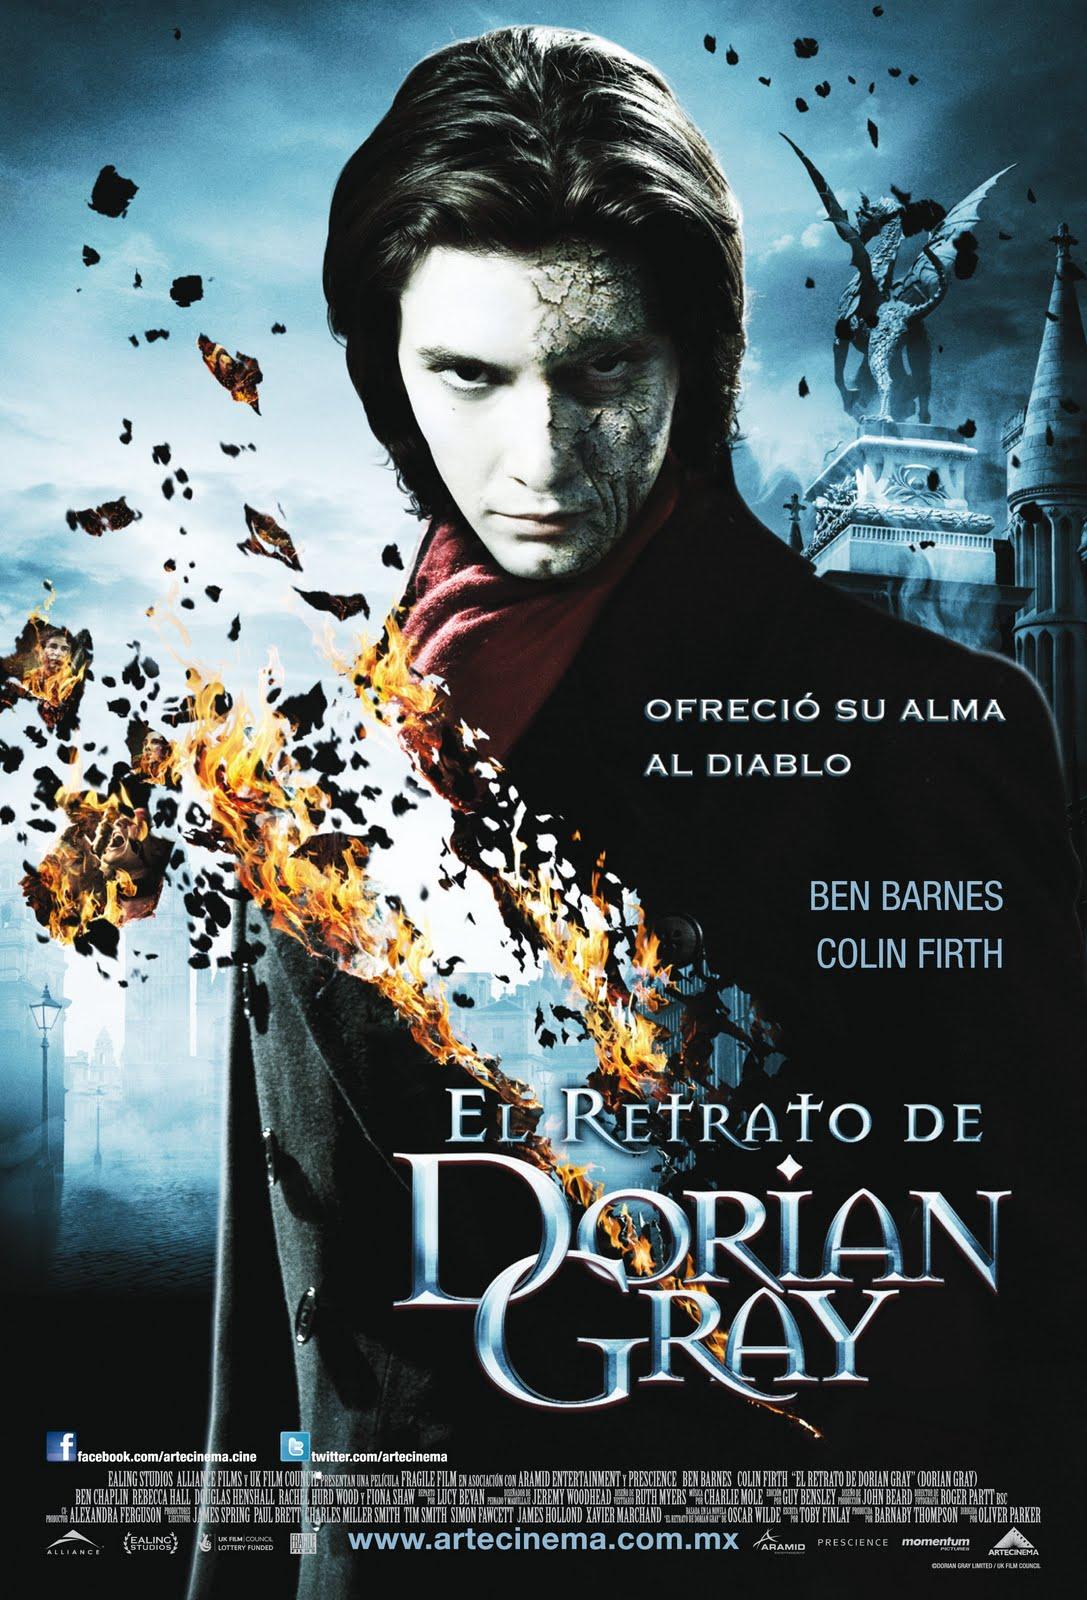 http://3.bp.blogspot.com/-lMygfqDSQ5A/Tvsh7xq--jI/AAAAAAAAByY/1CkoN8pq98M/s1600/Dorian_Gray_poster.jpg